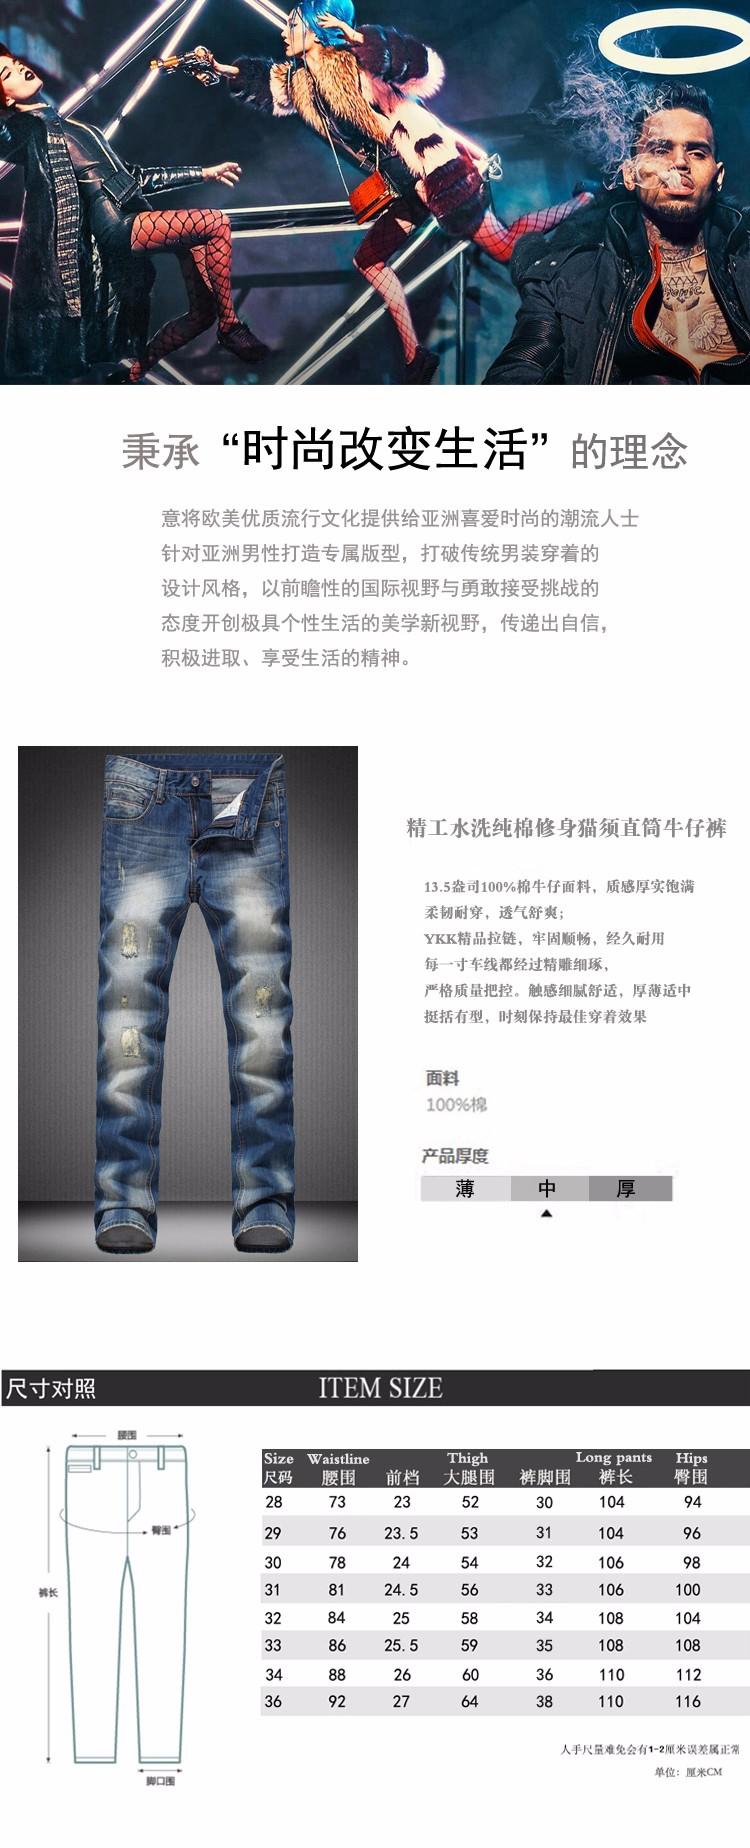 Скидки на Показать тонкие Небольшие прямые канистра джинсы мужские Повседневные брюки мужчины марка брюки прямые брюки новый дизайнер мальчик джинсы страх бог